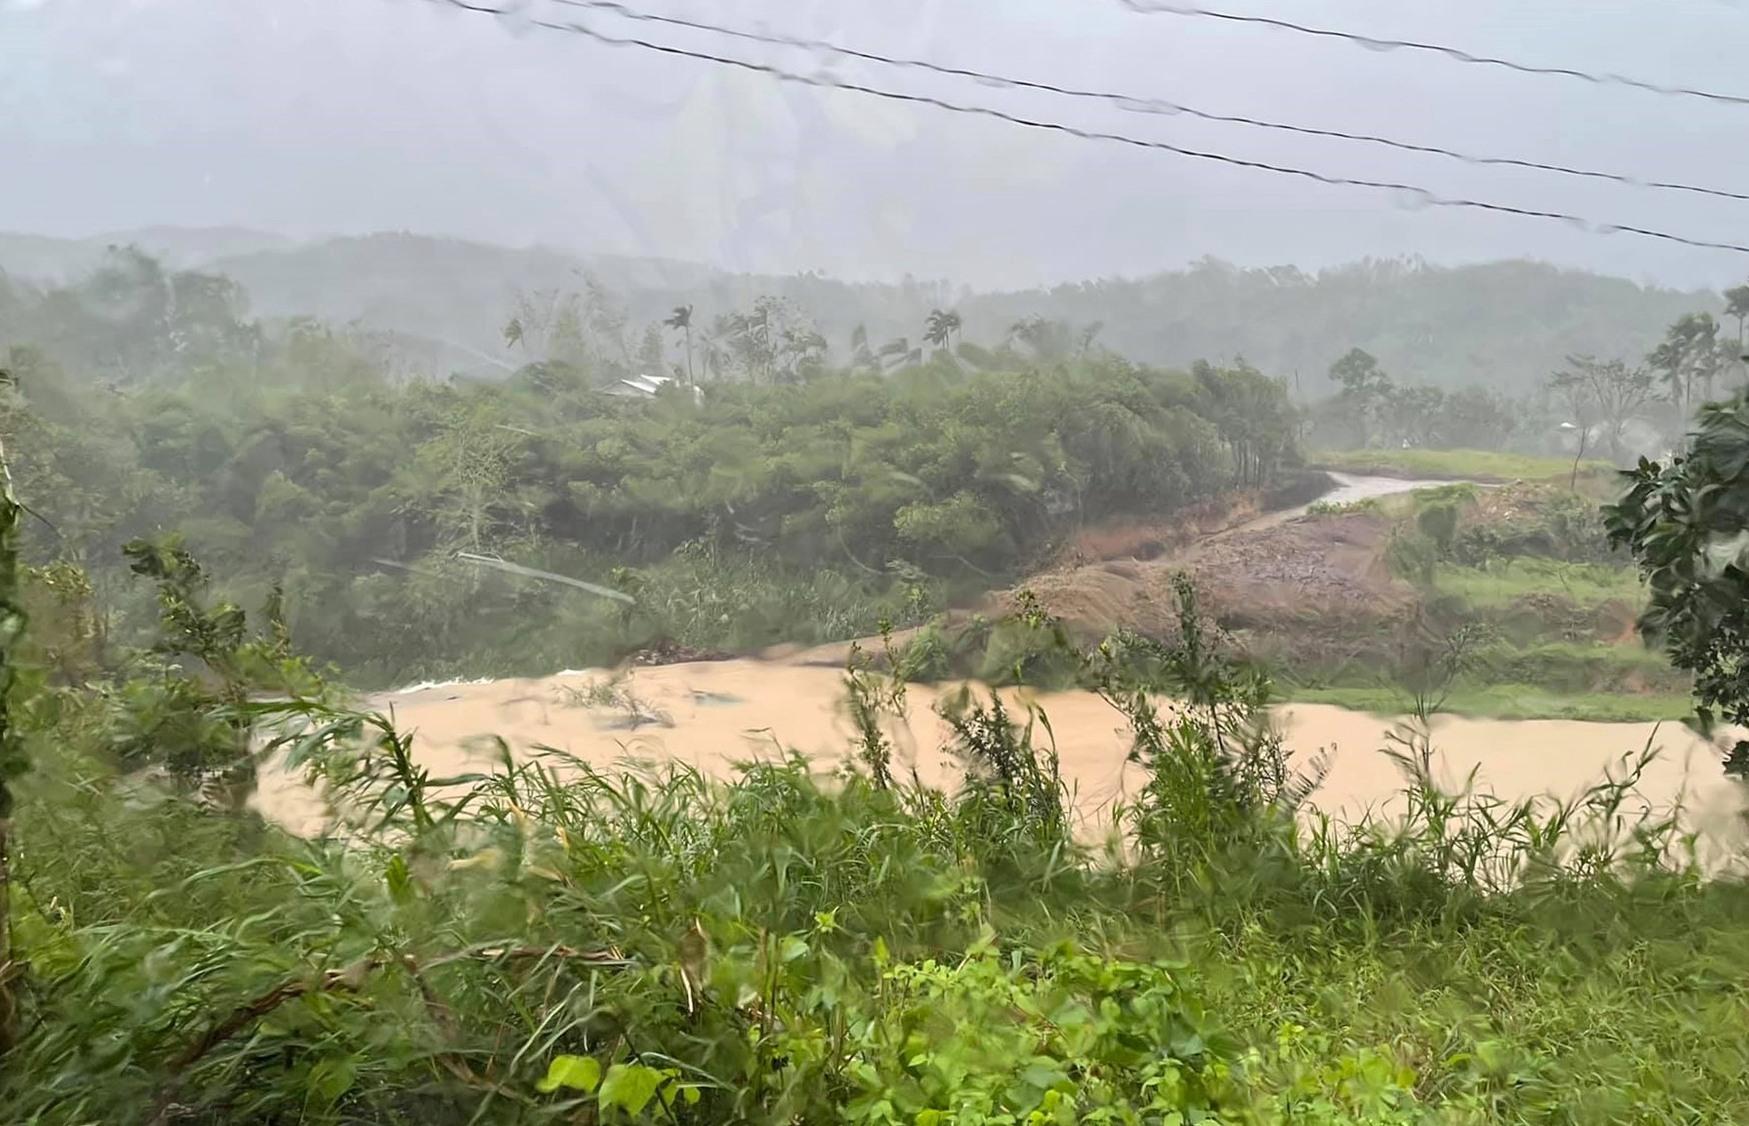 Khu vực được xác định là nơi nạn nhân bị đuối nước.